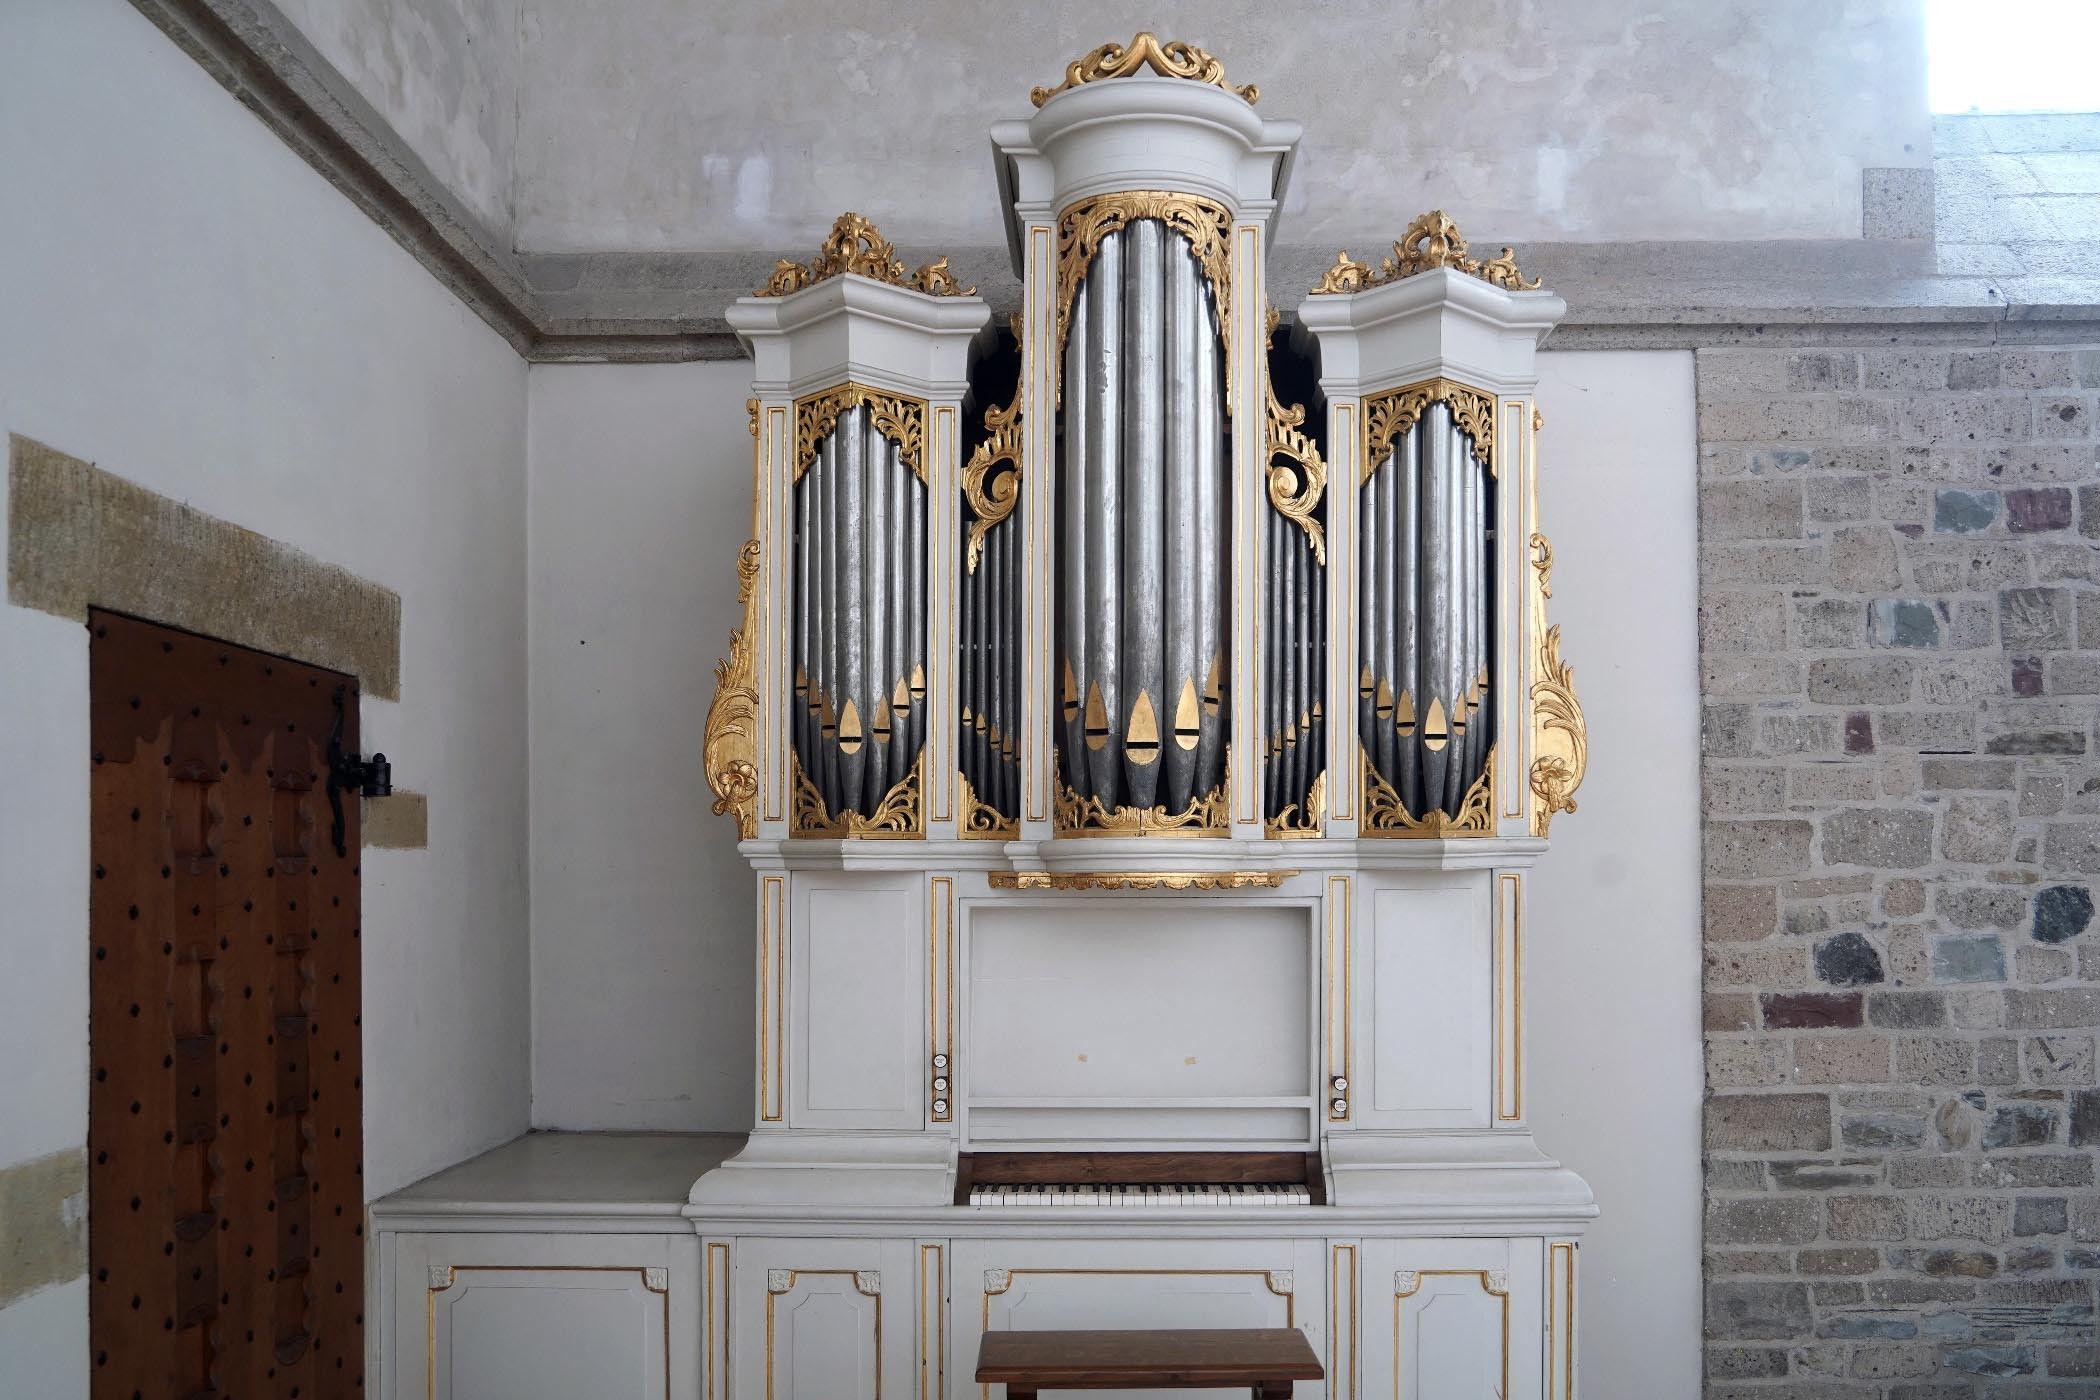 Assendelft-orgel in de Stevenskerk